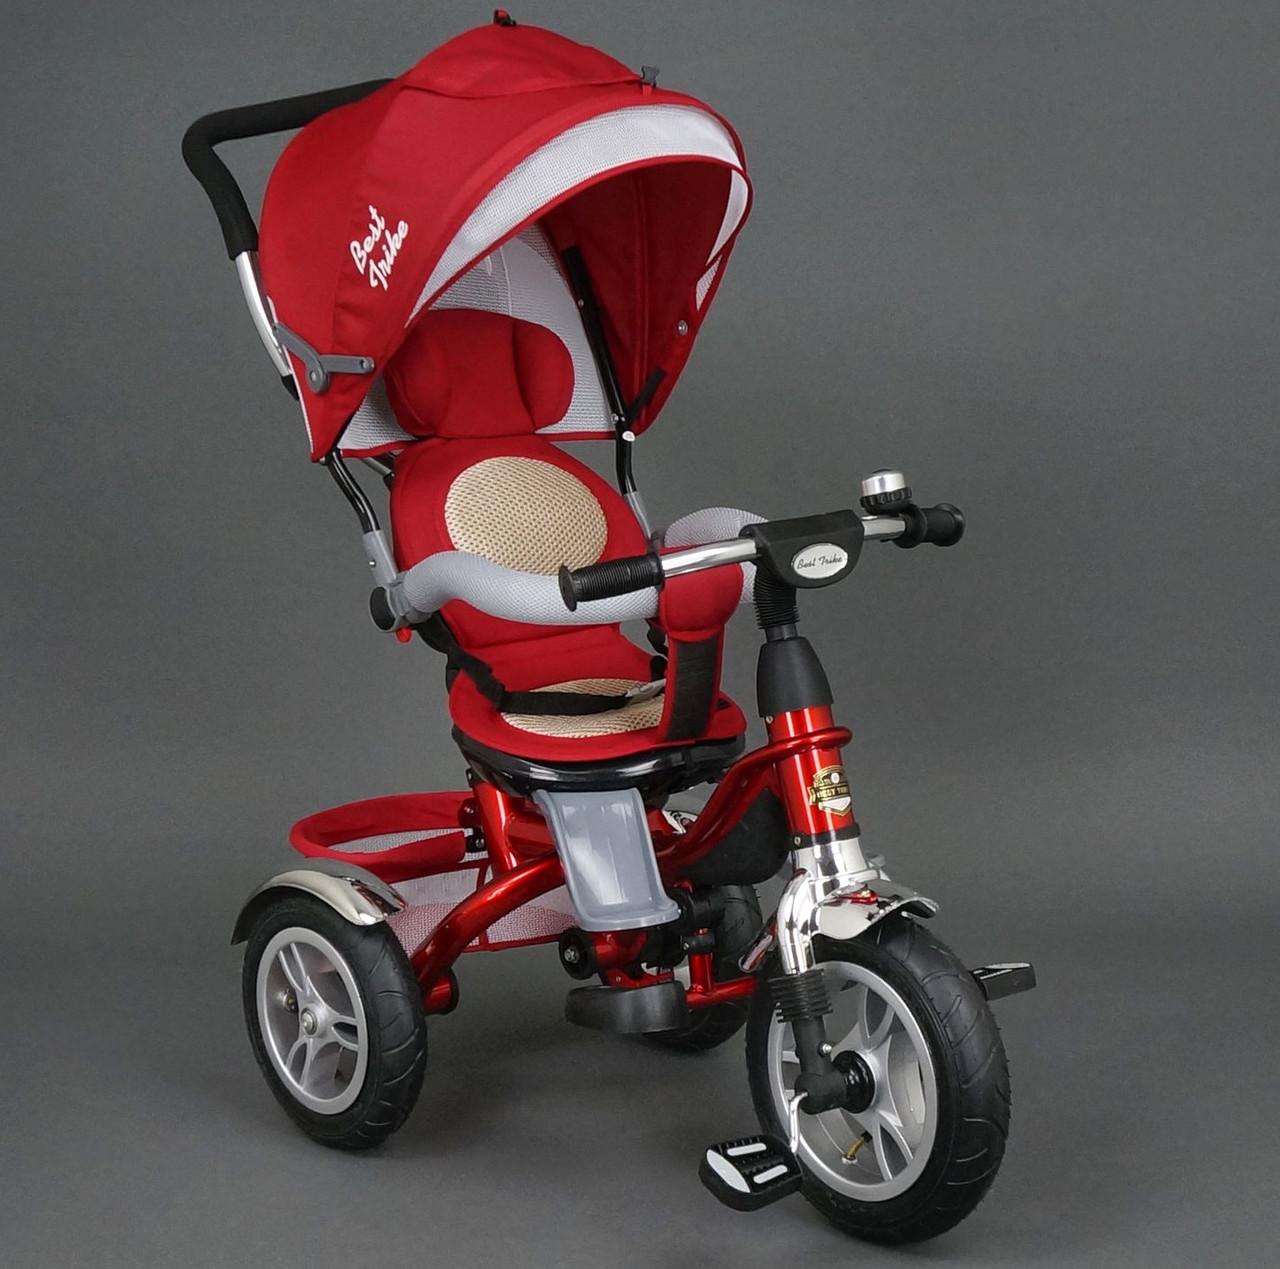 Велосипед 3-х колёсный 5688 Best Trike красный надувное колесо